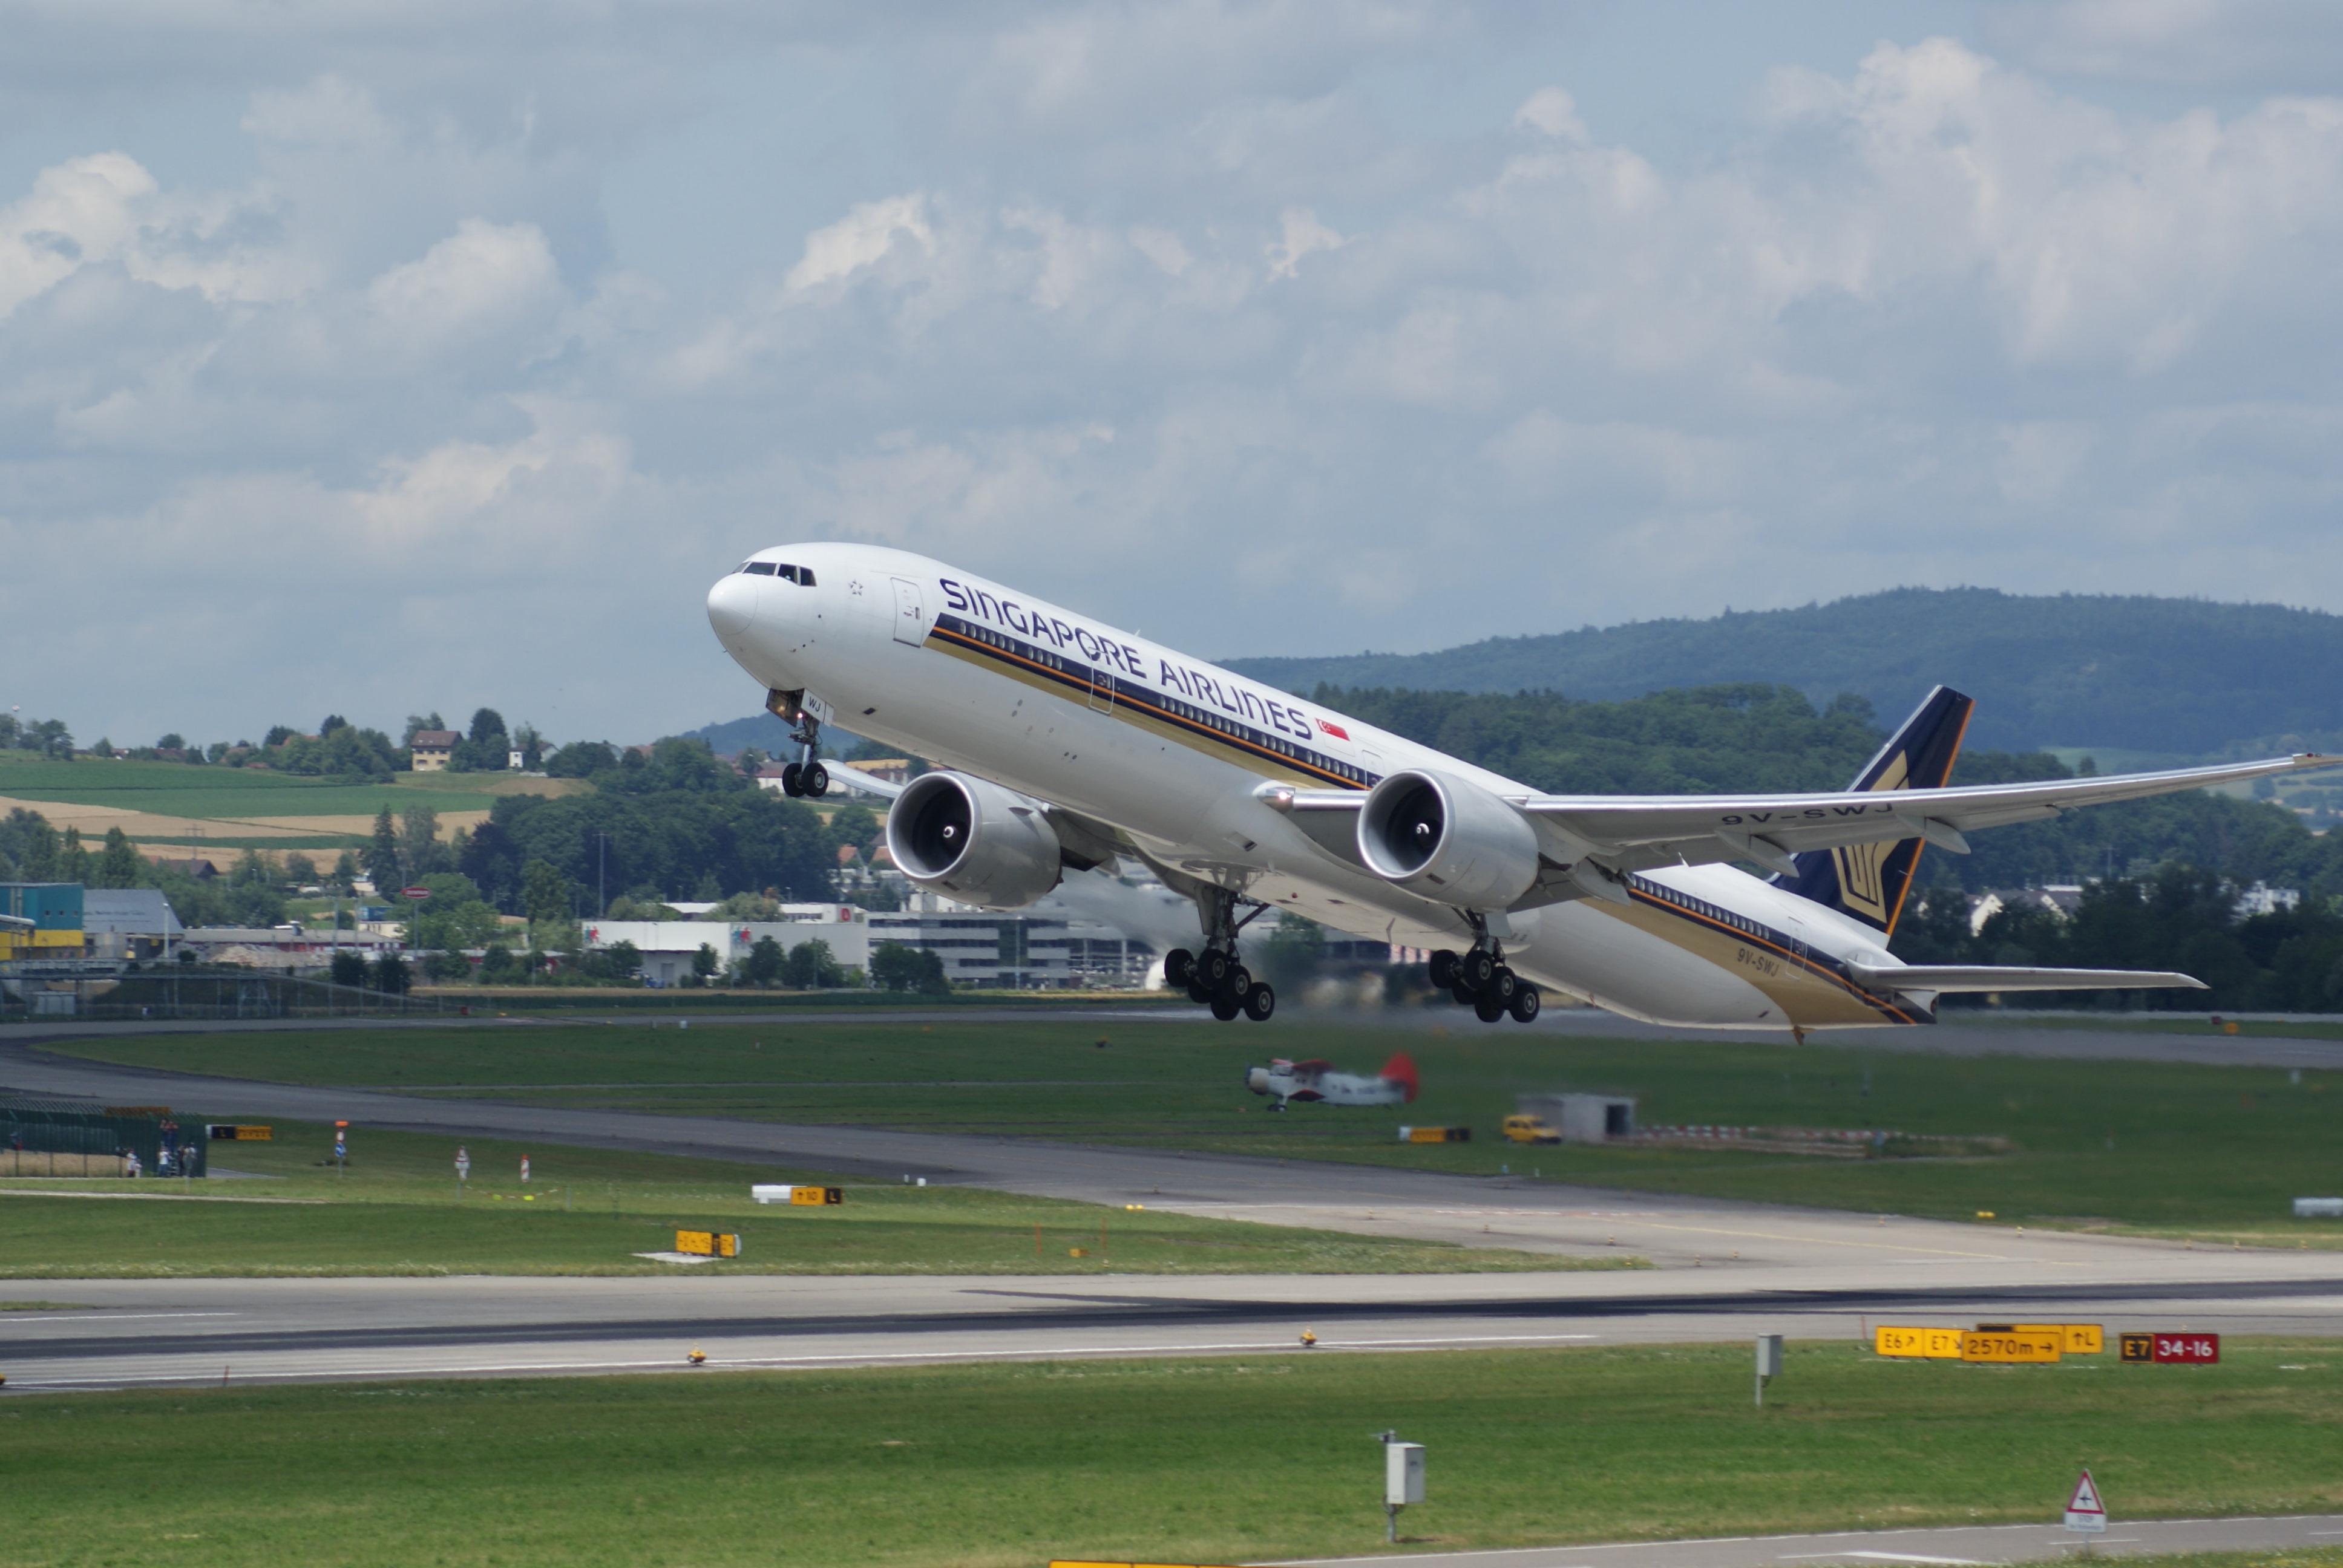 【トップレート】 Boeing 777 300er シンガポール航空 - トップ新しい画像